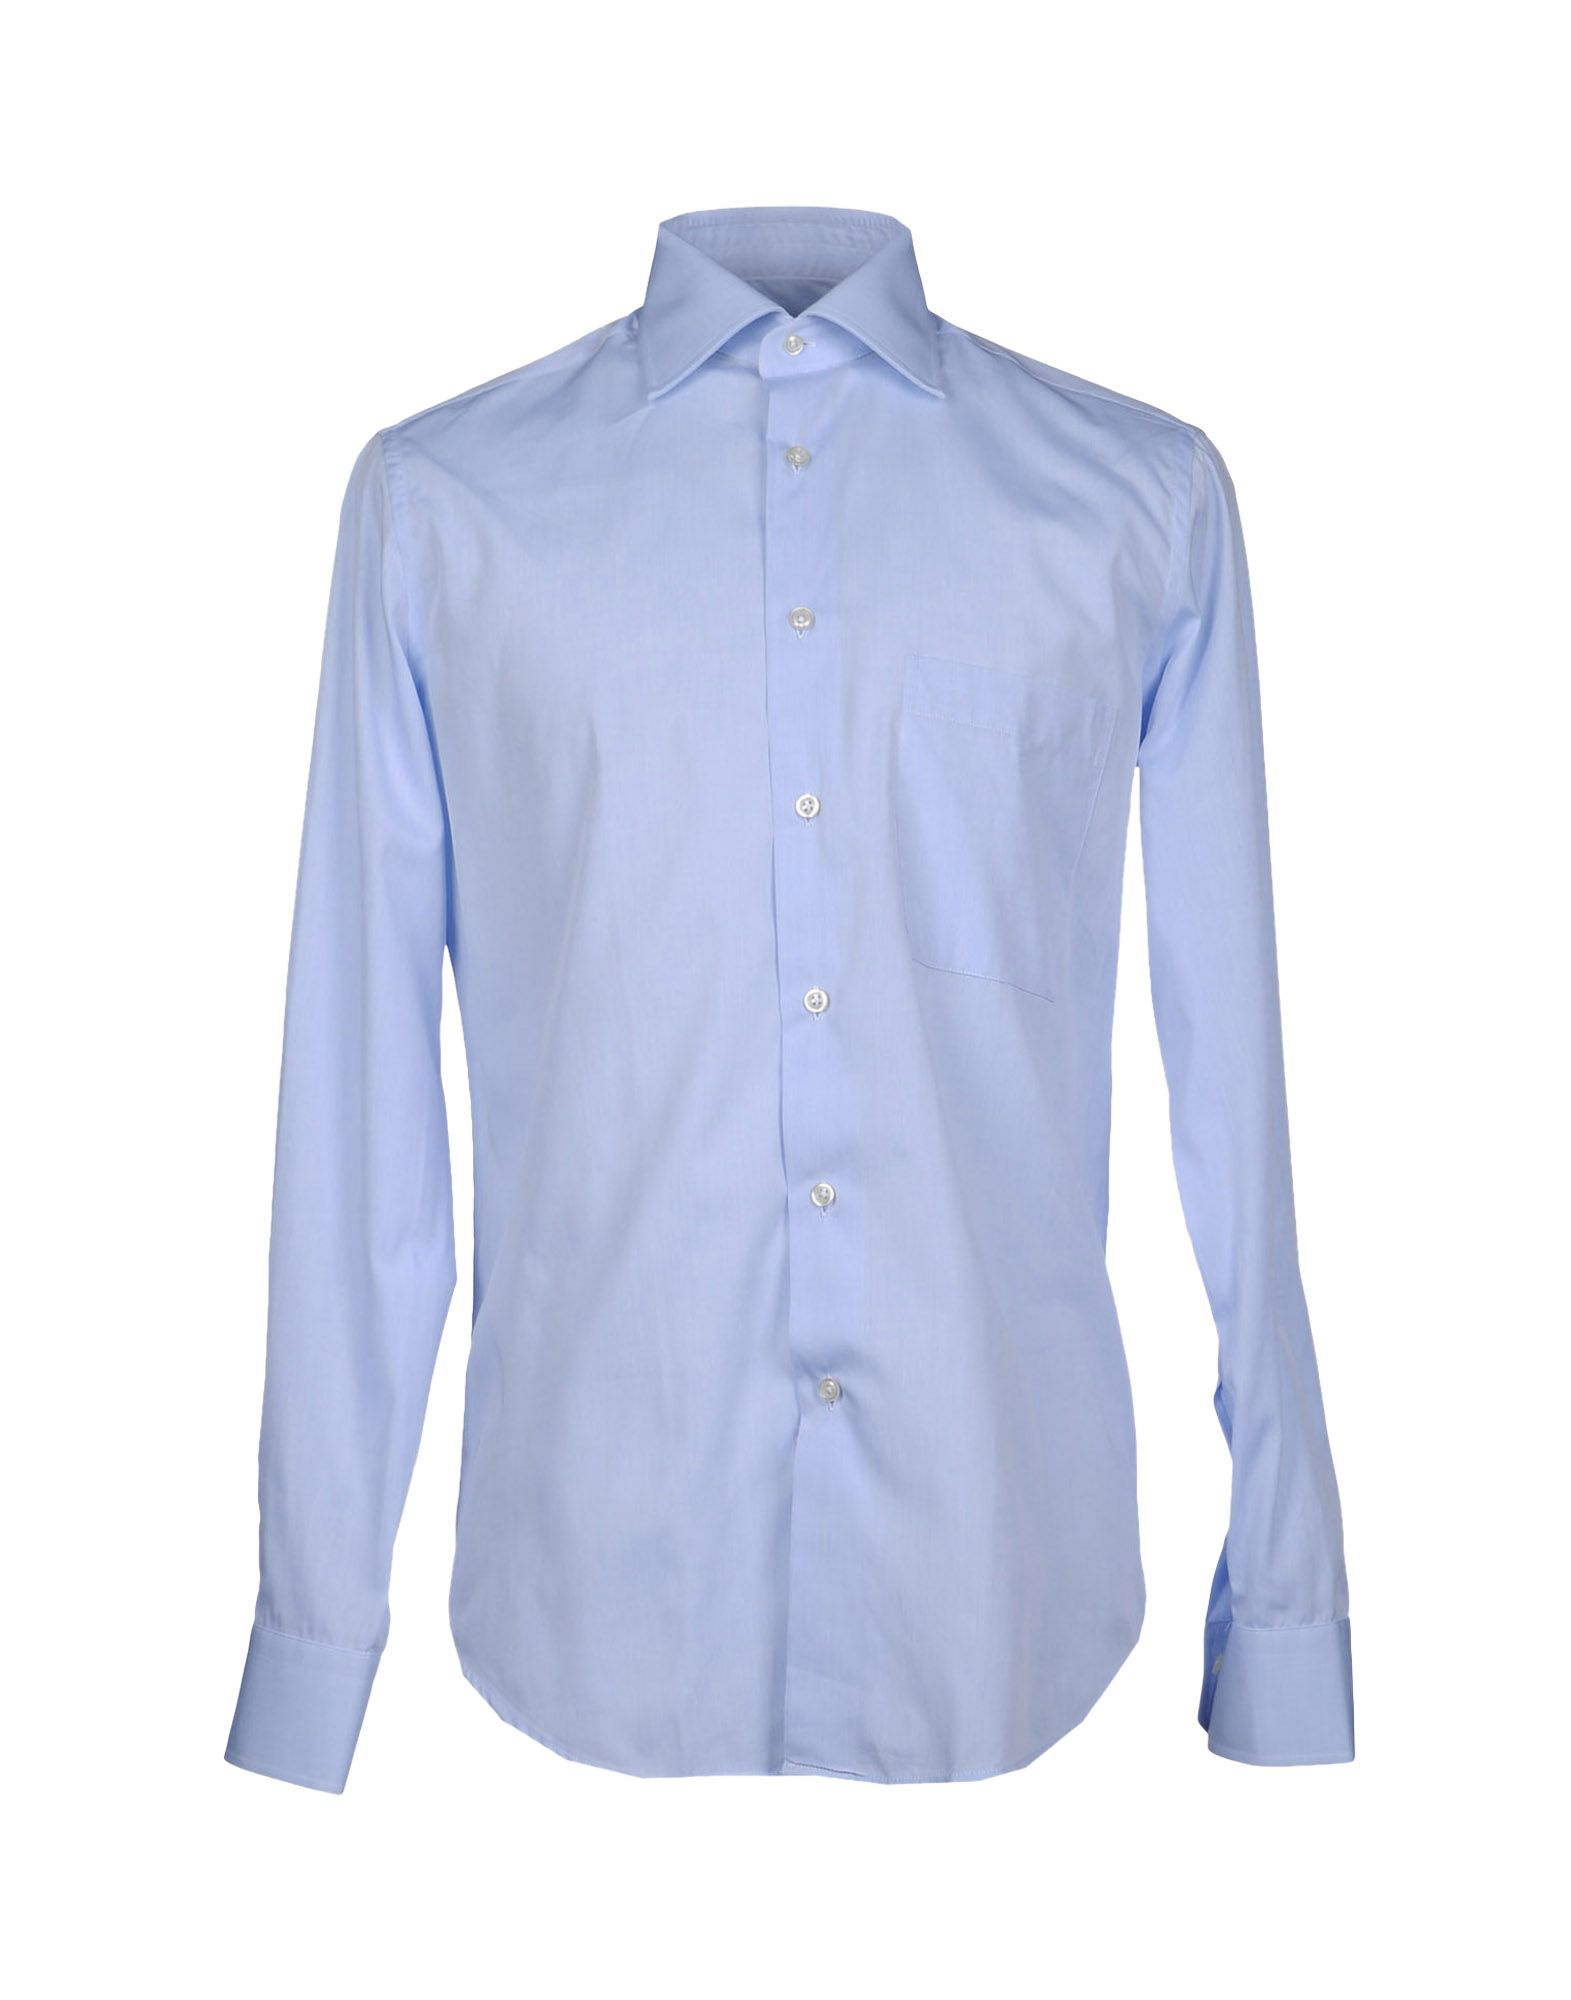 Фото - PAL ZILERI Рубашка с длинными рукавами рубашка с длинными рукавами 1 мес 3 года